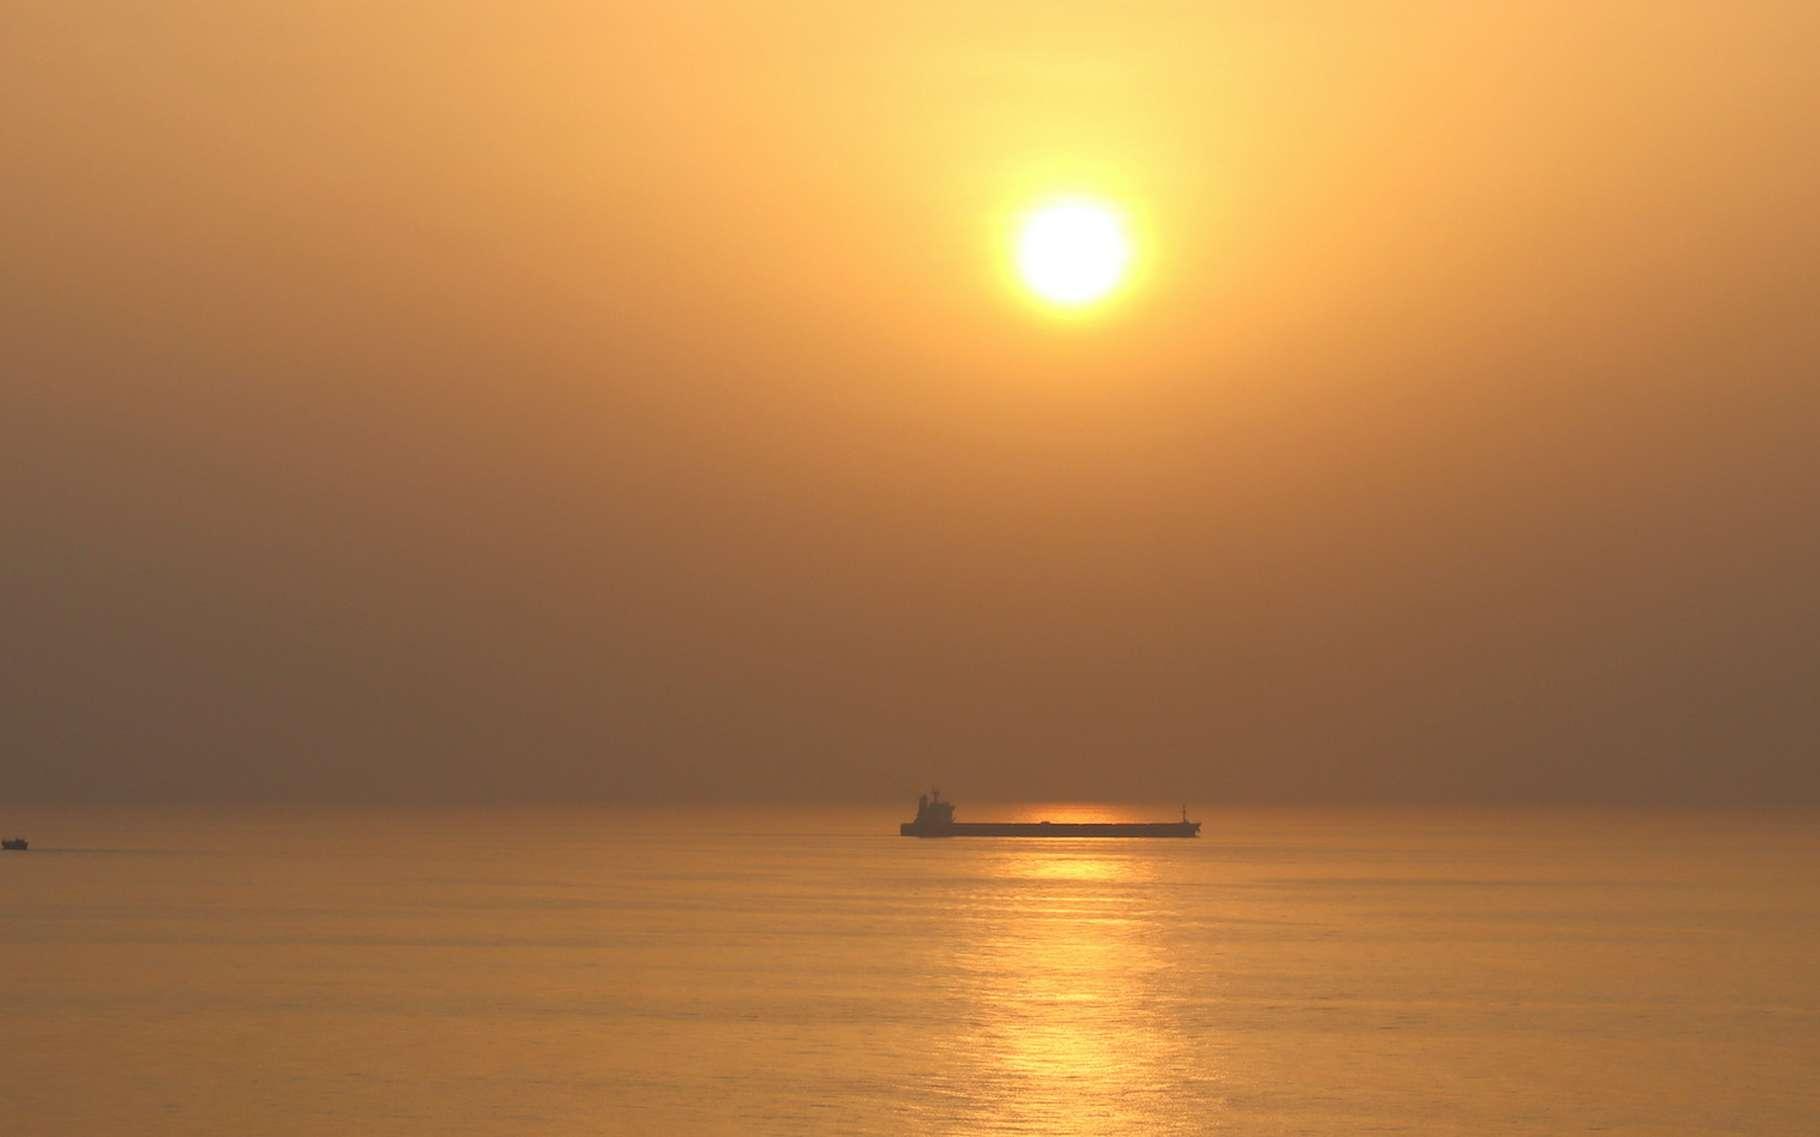 Du côté du golfe Persique, notamment, des épisodes de chaleur et d'humidité insoutenables ont déjà été enregistrés ces dernières années. Et avec le réchauffement climatique, la tendance est à l'intensification et à la multiplication de ces phénomènes. © Lotharingia, Adobe Stock